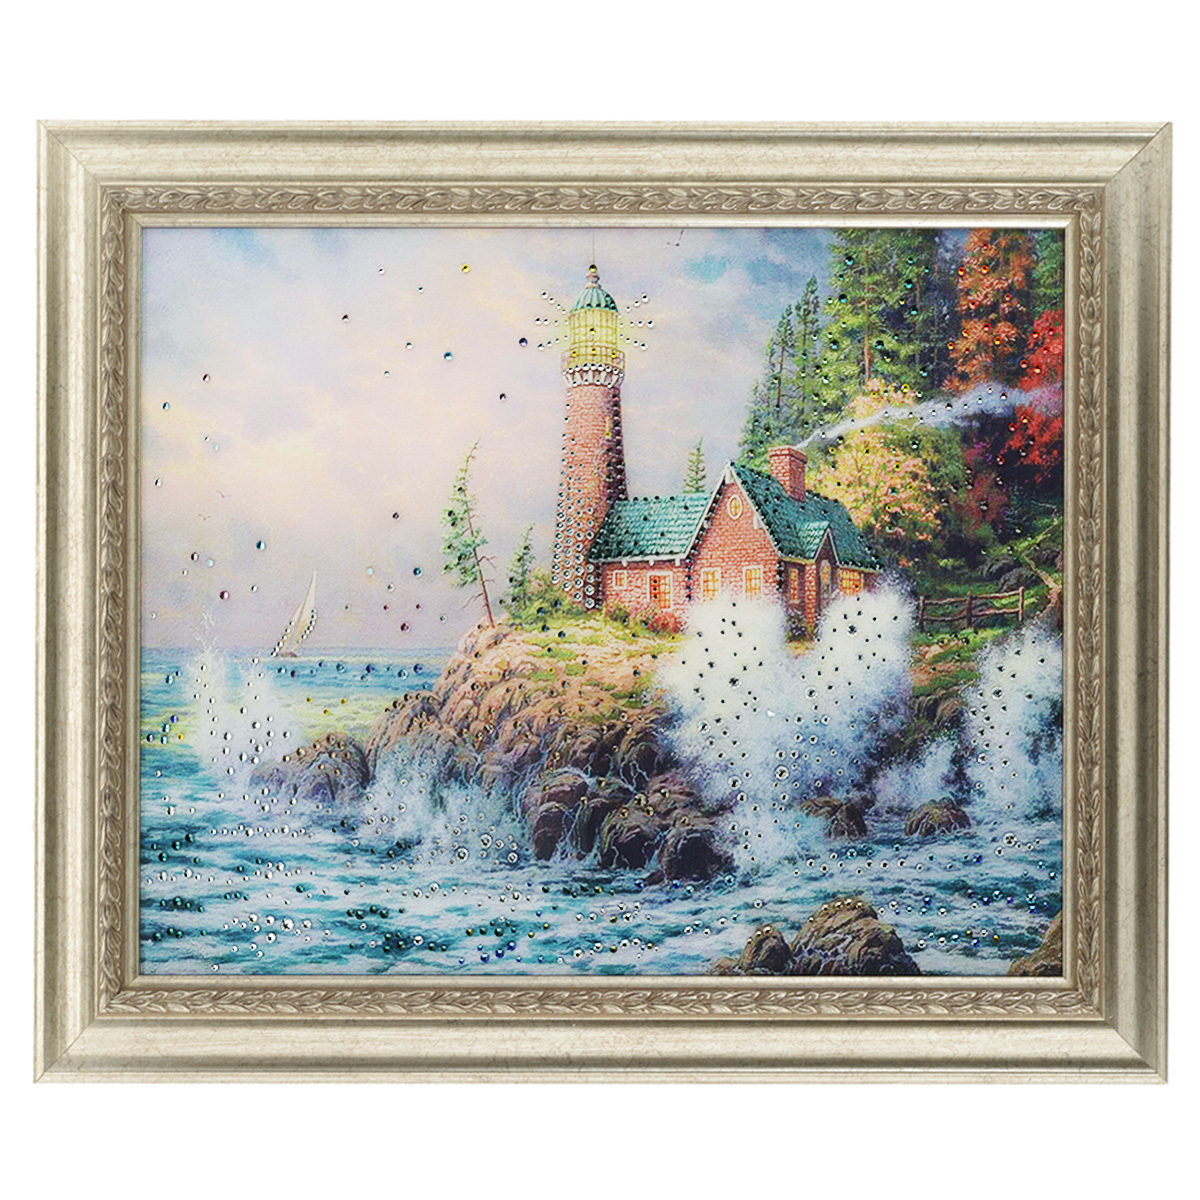 Картина с кристаллами Swarovski Маяк на берегу, 60 х 50 смPM-4002Изящная картина в багетной раме, инкрустирована кристаллами Swarovski, которые отличаются четкой и ровной огранкой, ярким блеском и чистотой цвета. Красочное изображение маяка на берегу, расположенное под стеклом, прекрасно дополняет блеск кристаллов. С обратной стороны имеется металлическая проволока для размещения картины на стене. Картина с кристаллами Swarovski Маяк на берегу элегантно украсит интерьер дома или офиса, а также станет прекрасным подарком, который обязательно понравится получателю. Блеск кристаллов в интерьере, что может быть сказочнее и удивительнее. Картина упакована в подарочную картонную коробку синего цвета и комплектуется сертификатом соответствия Swarovski.